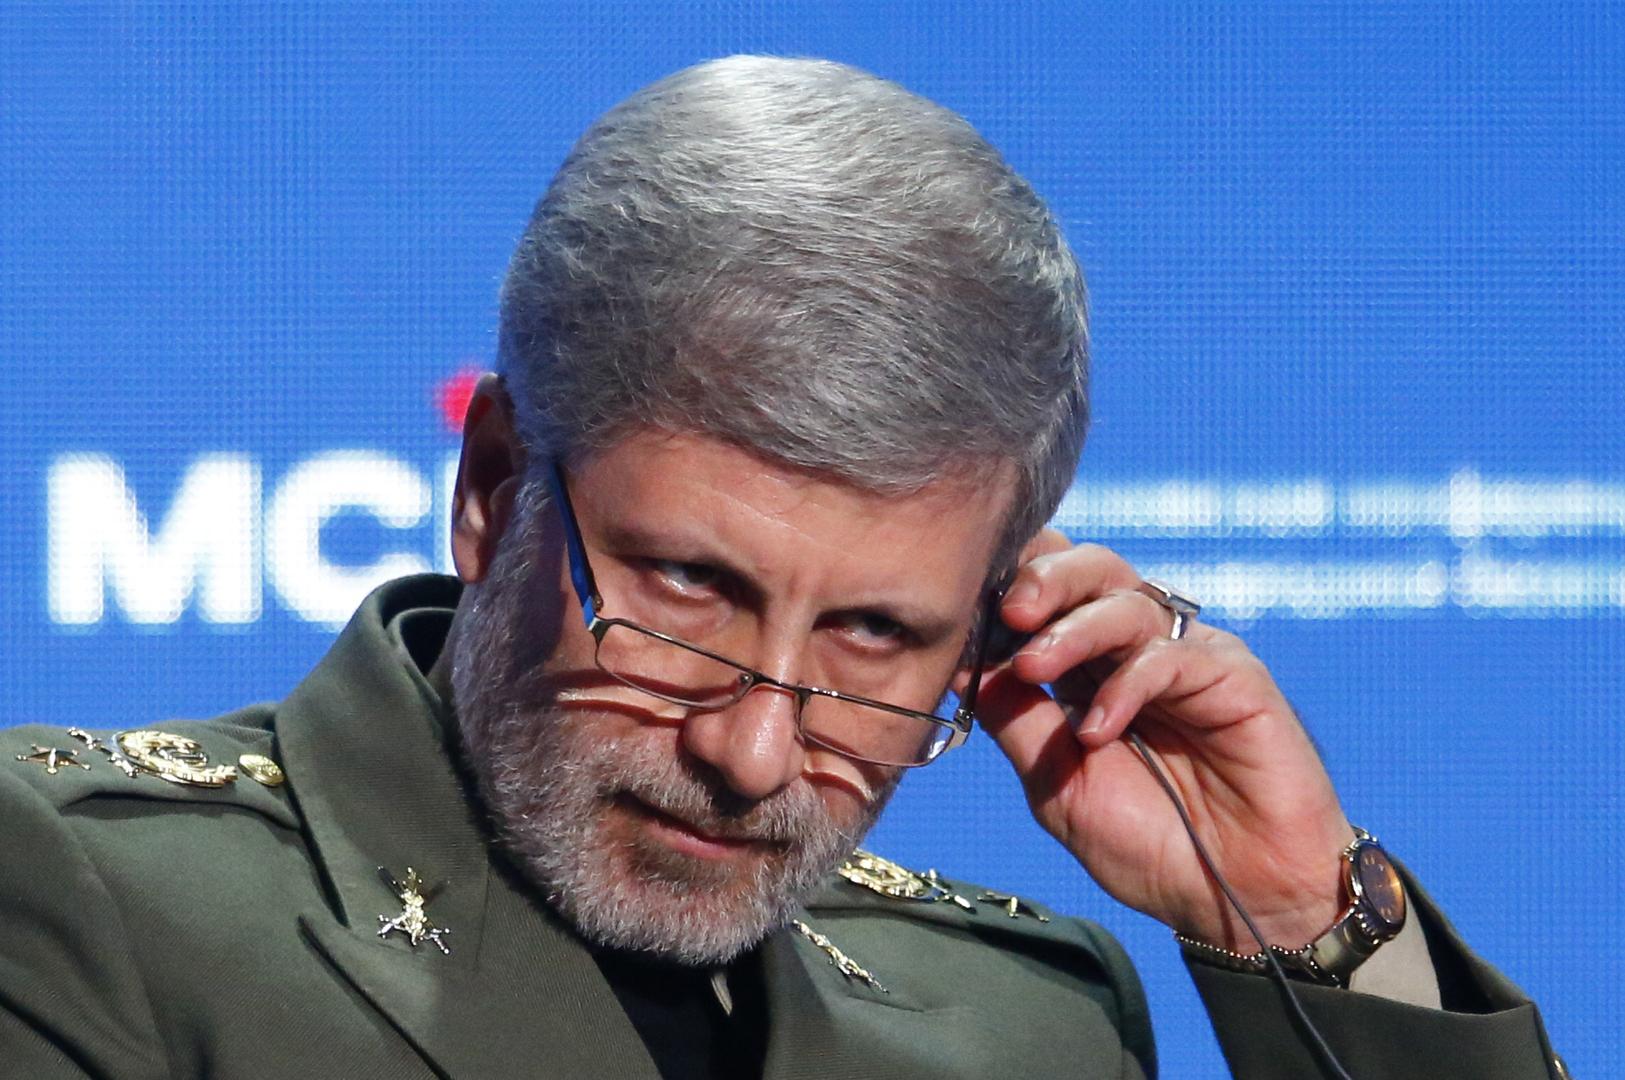 حاتمي: إحلال الأمن الإقليمي رهن بإنهاء الوجود الأمريكي في المنطقة